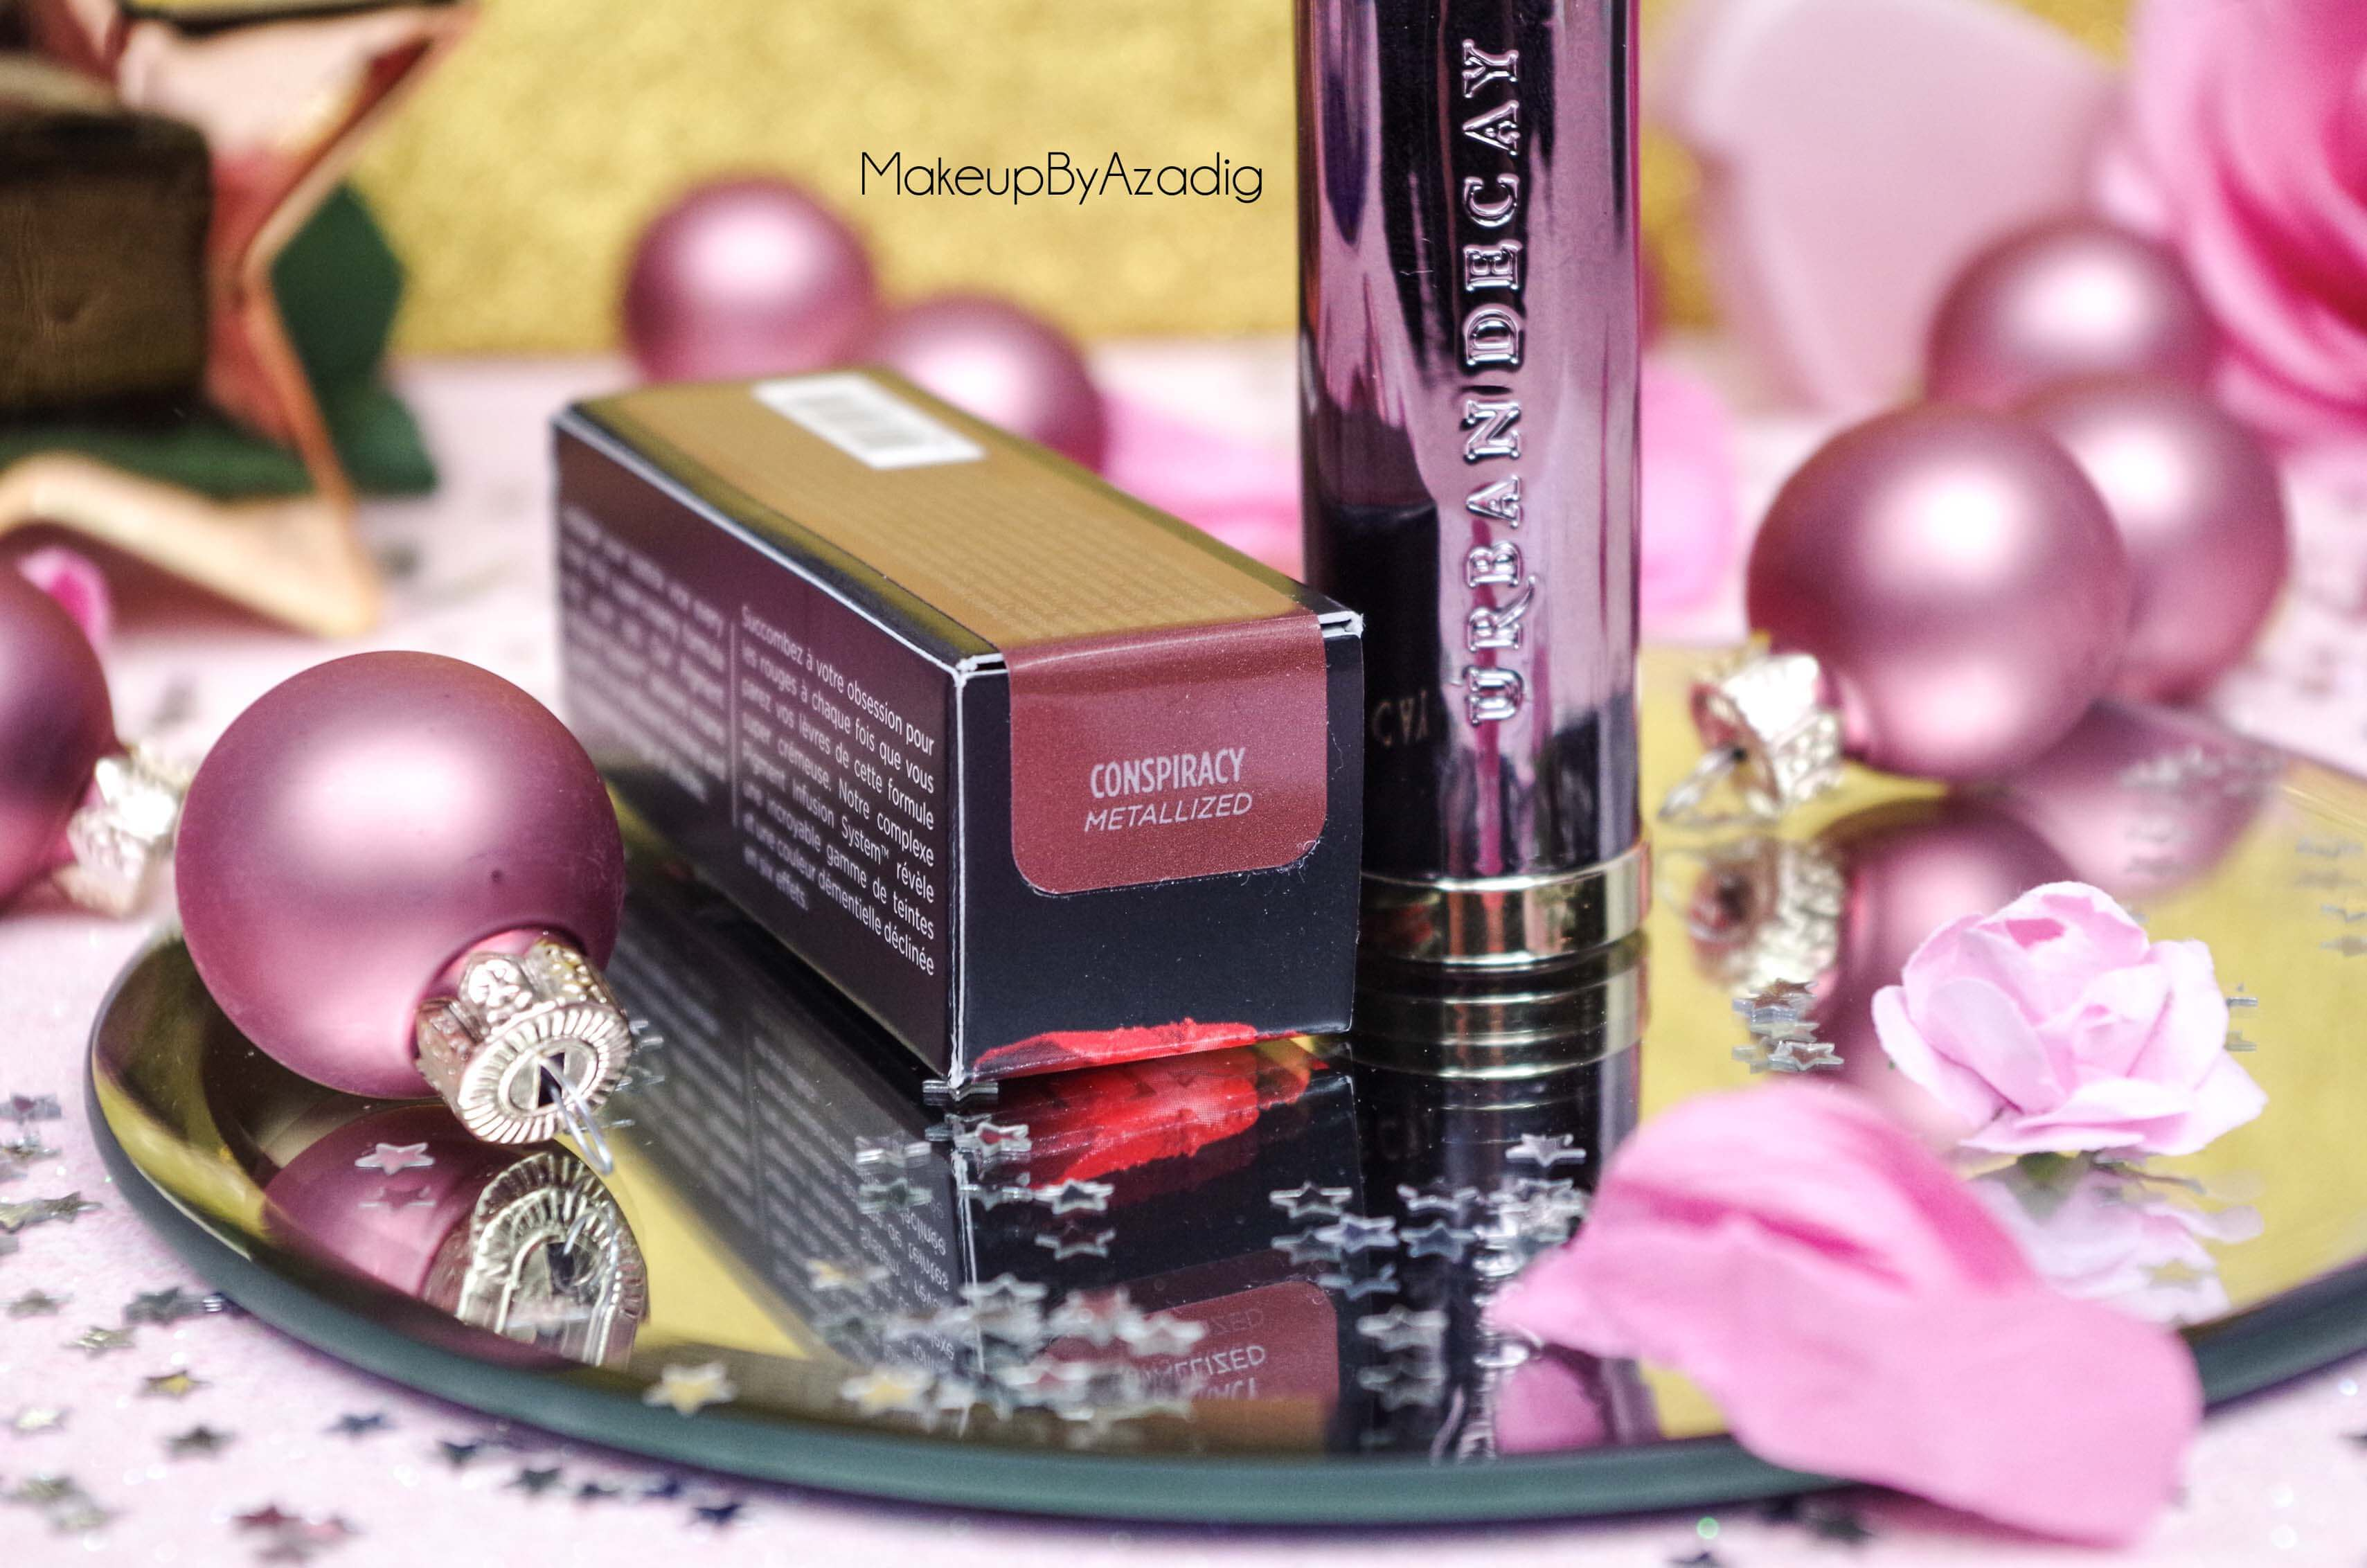 vice_lipstick_urban_decay_sephora_conspiracy_rouge_levre_fini_metallise_metallized_swatch_avis_prix_makeupbyazadig_revue-packaging